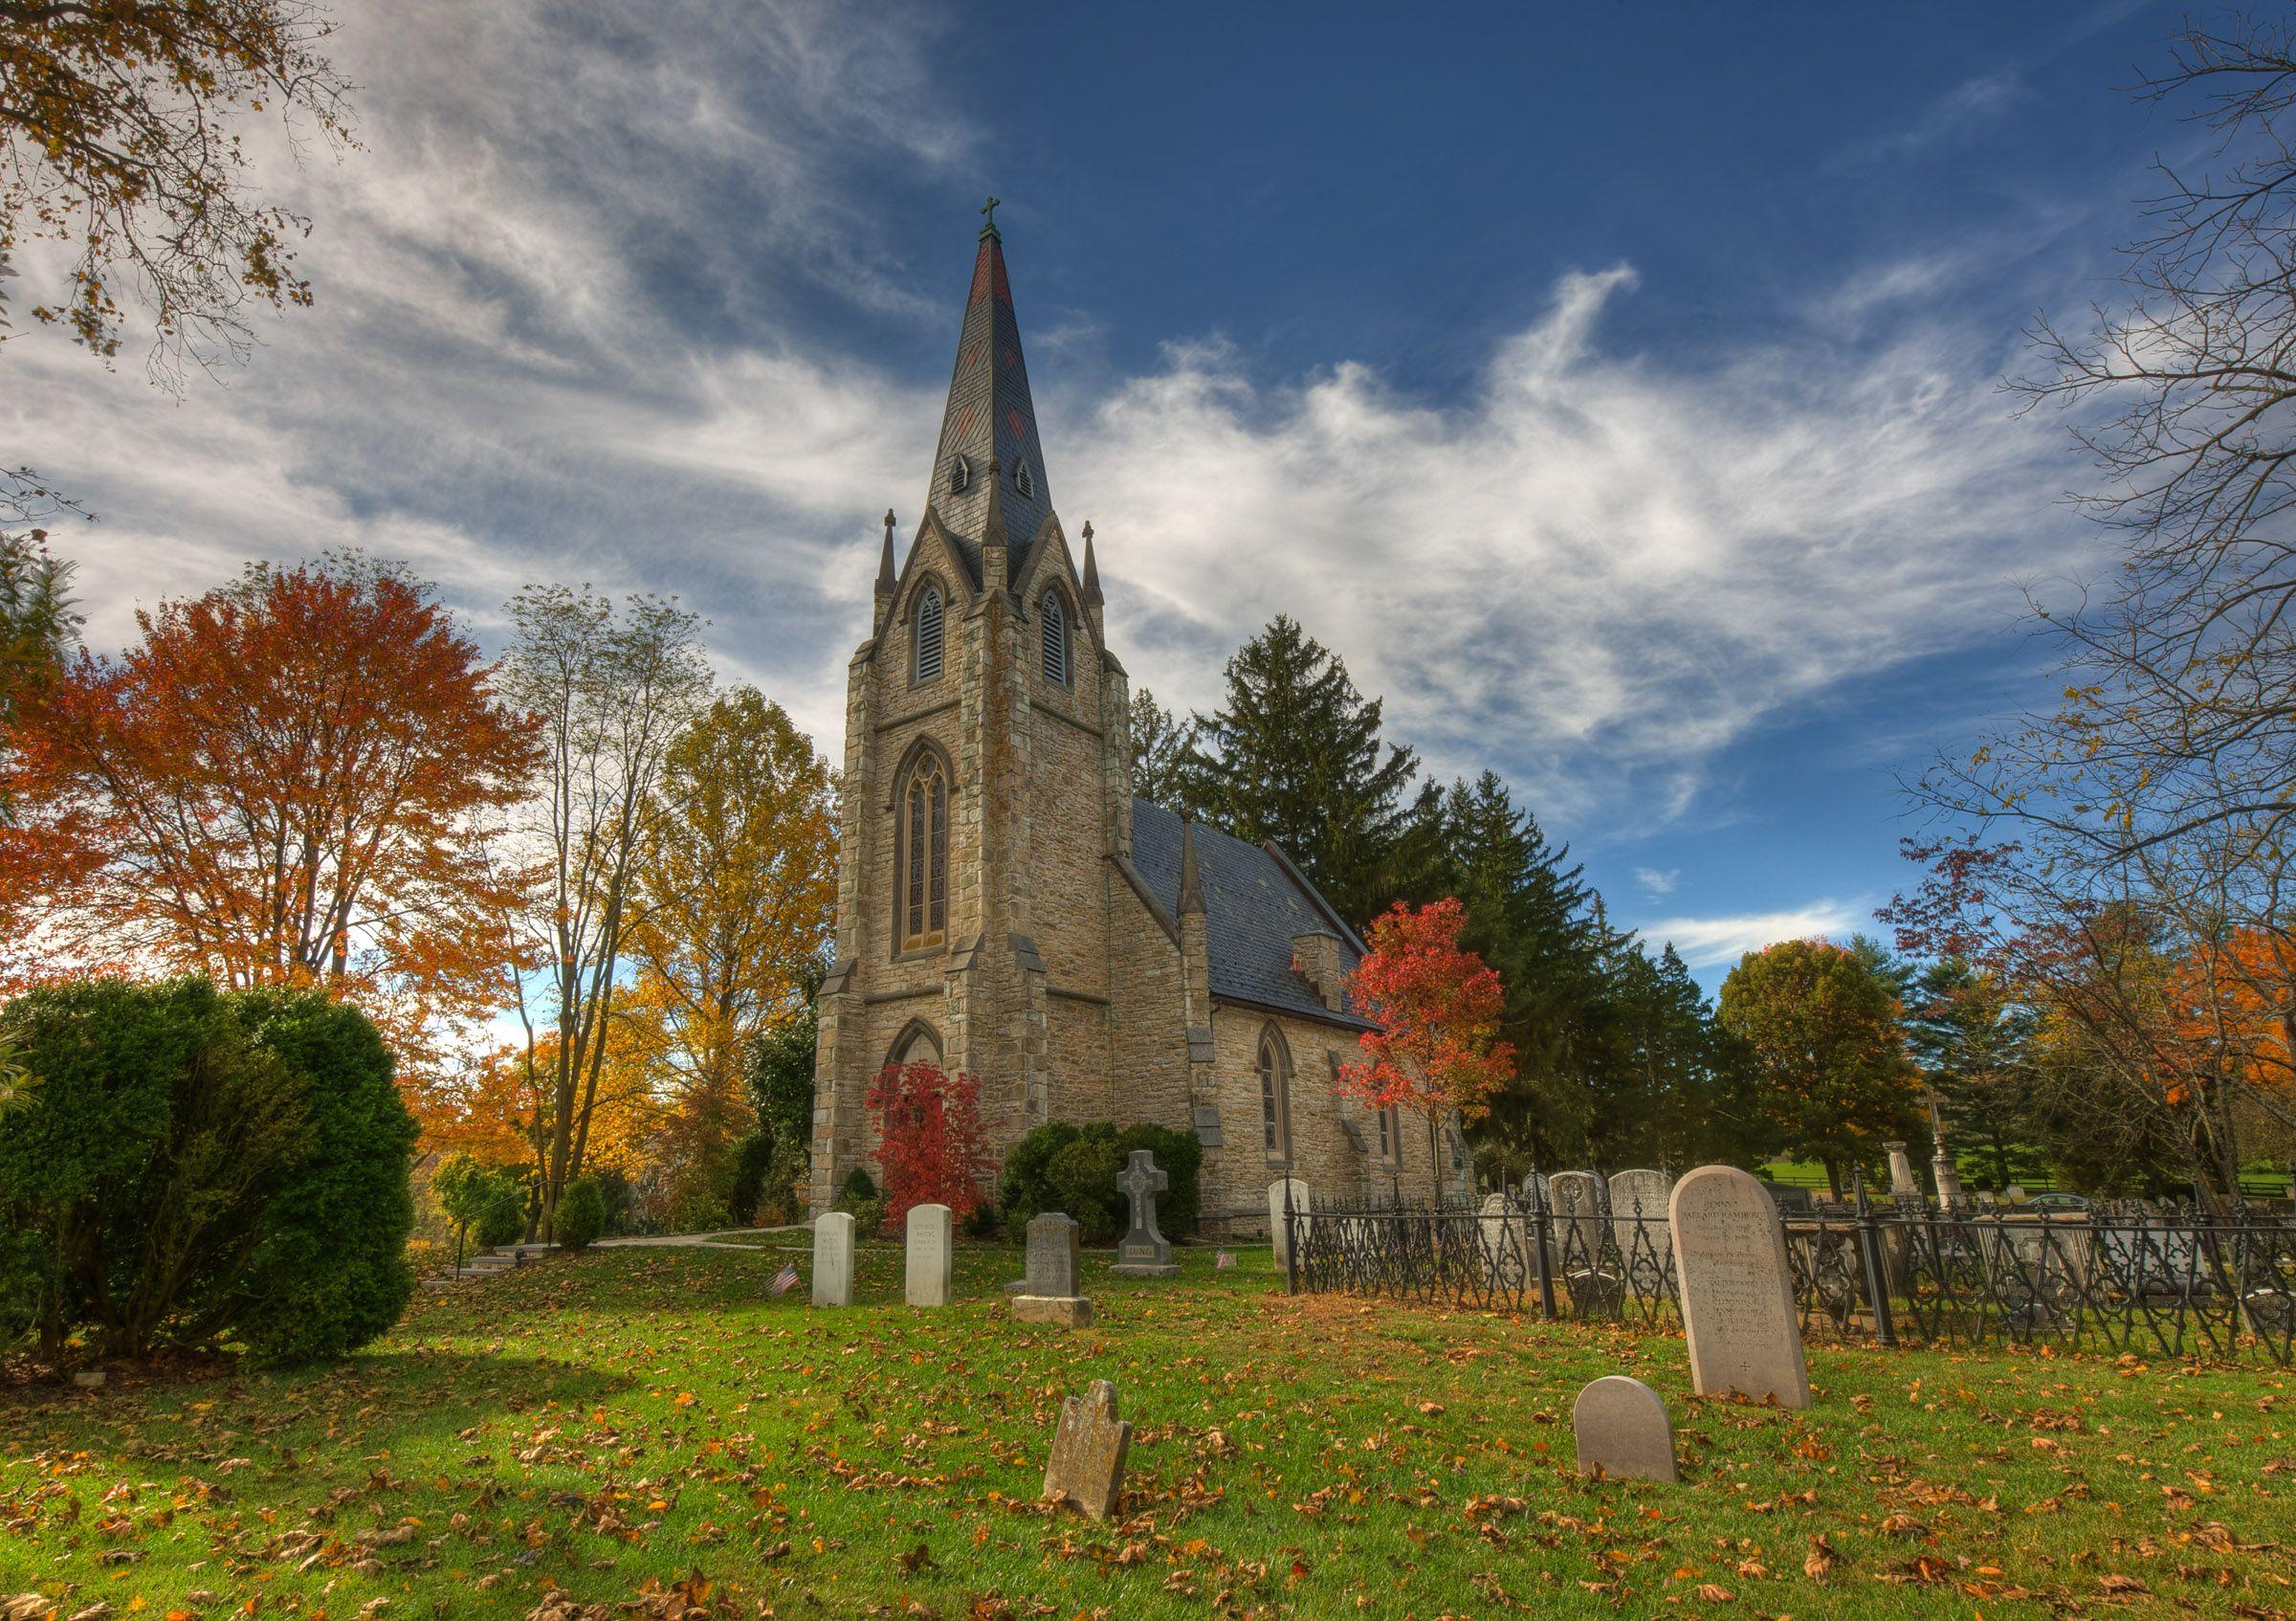 Autumn at St. John's